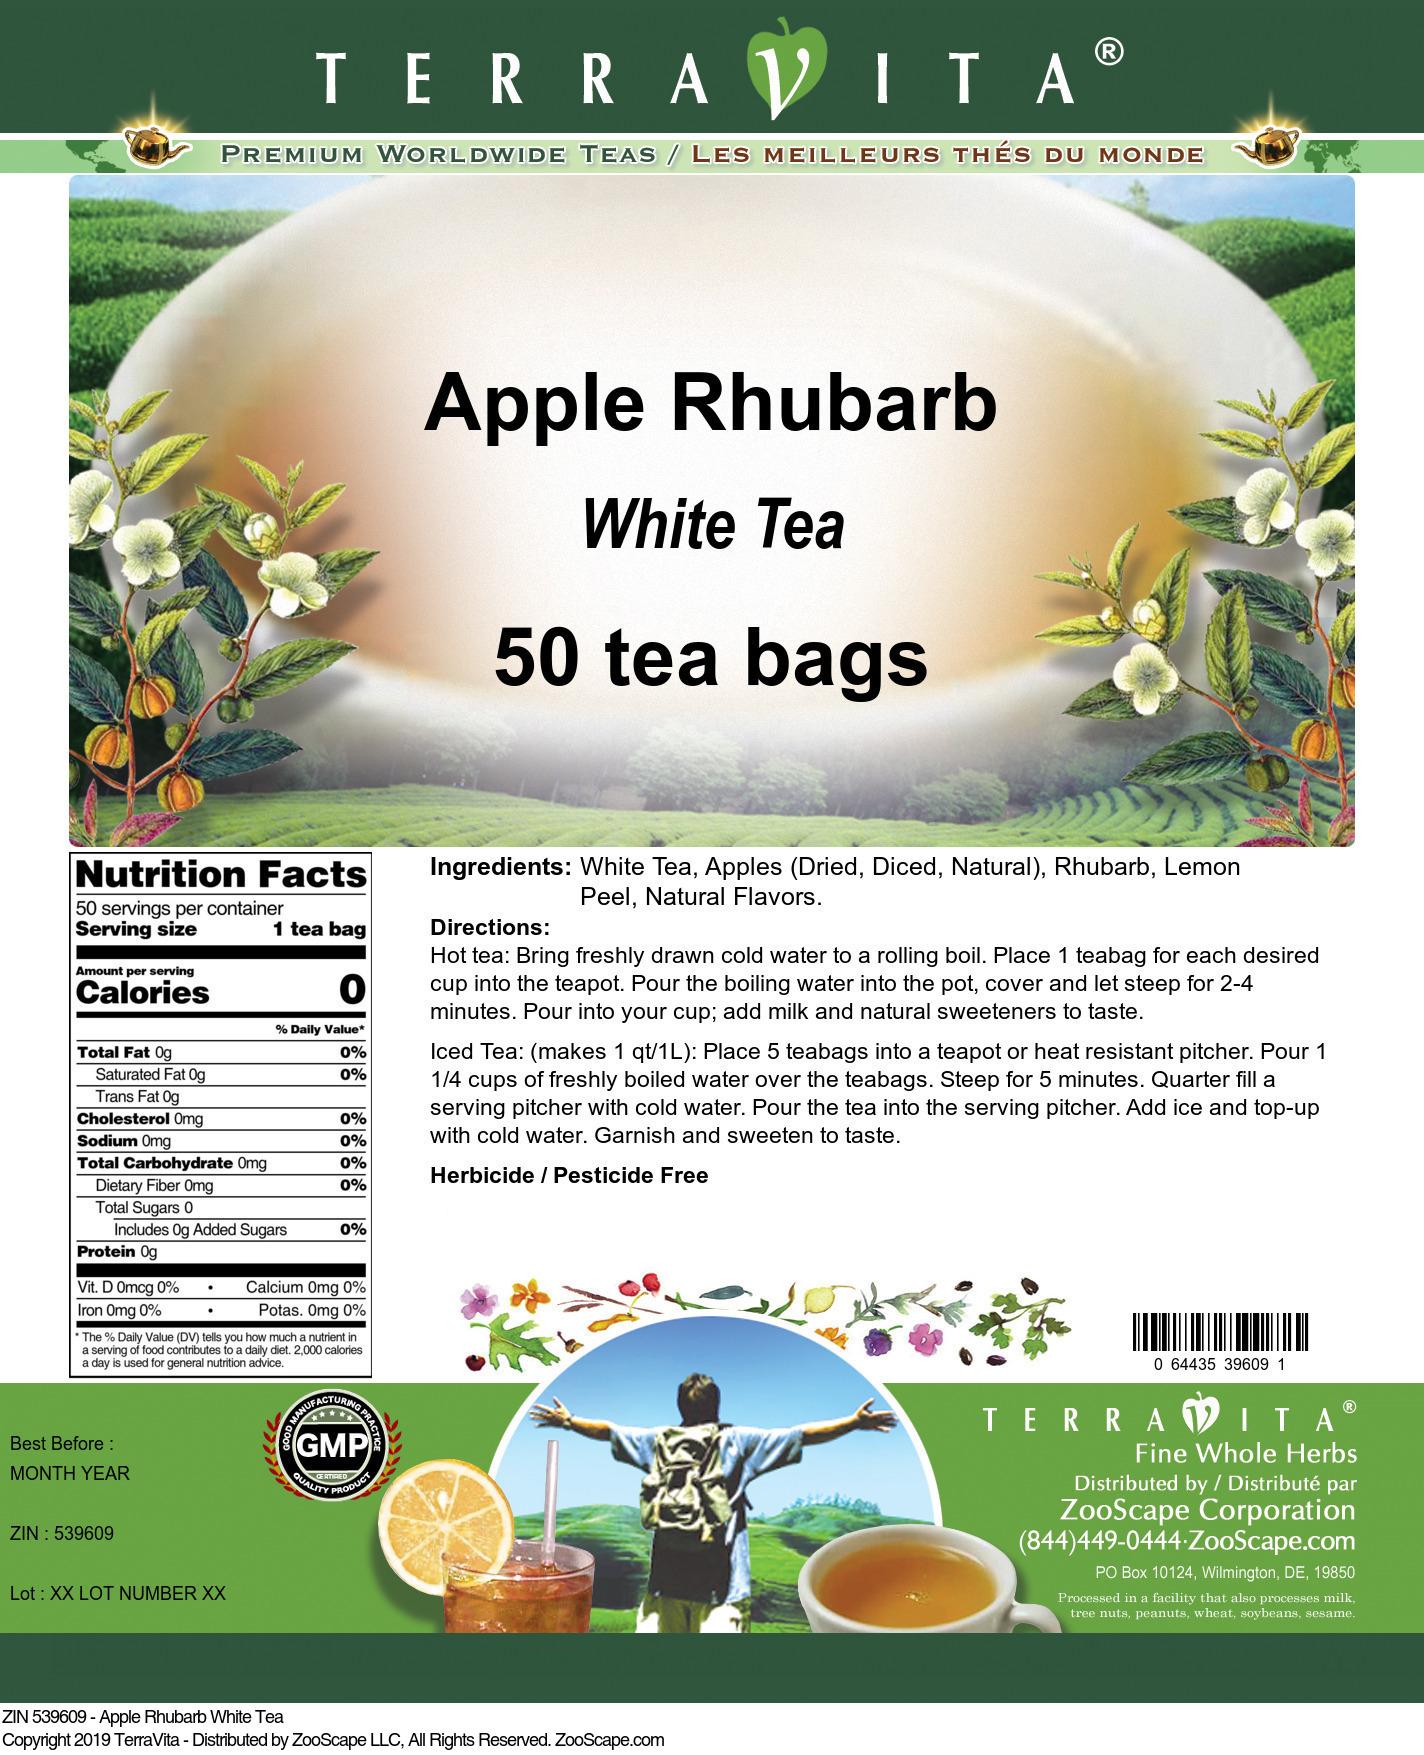 Apple Rhubarb White Tea